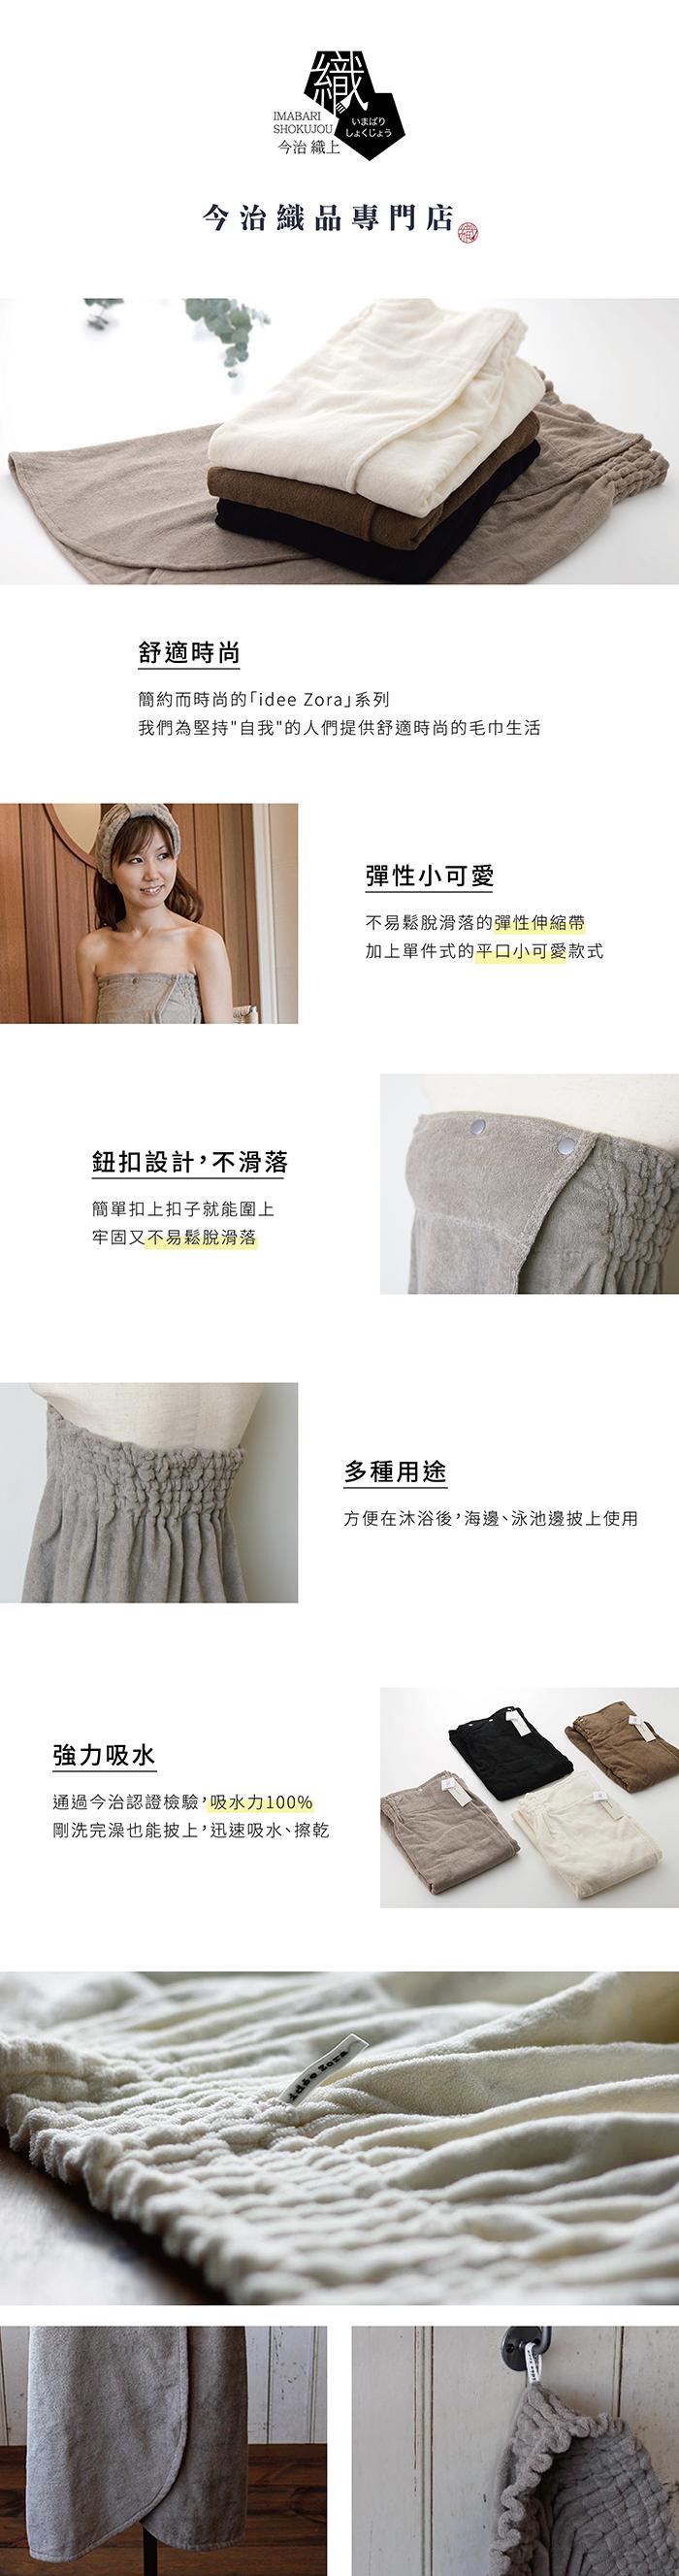 今治織上 │ 日本今治認證 多功能鈕扣裹身裙/浴袍